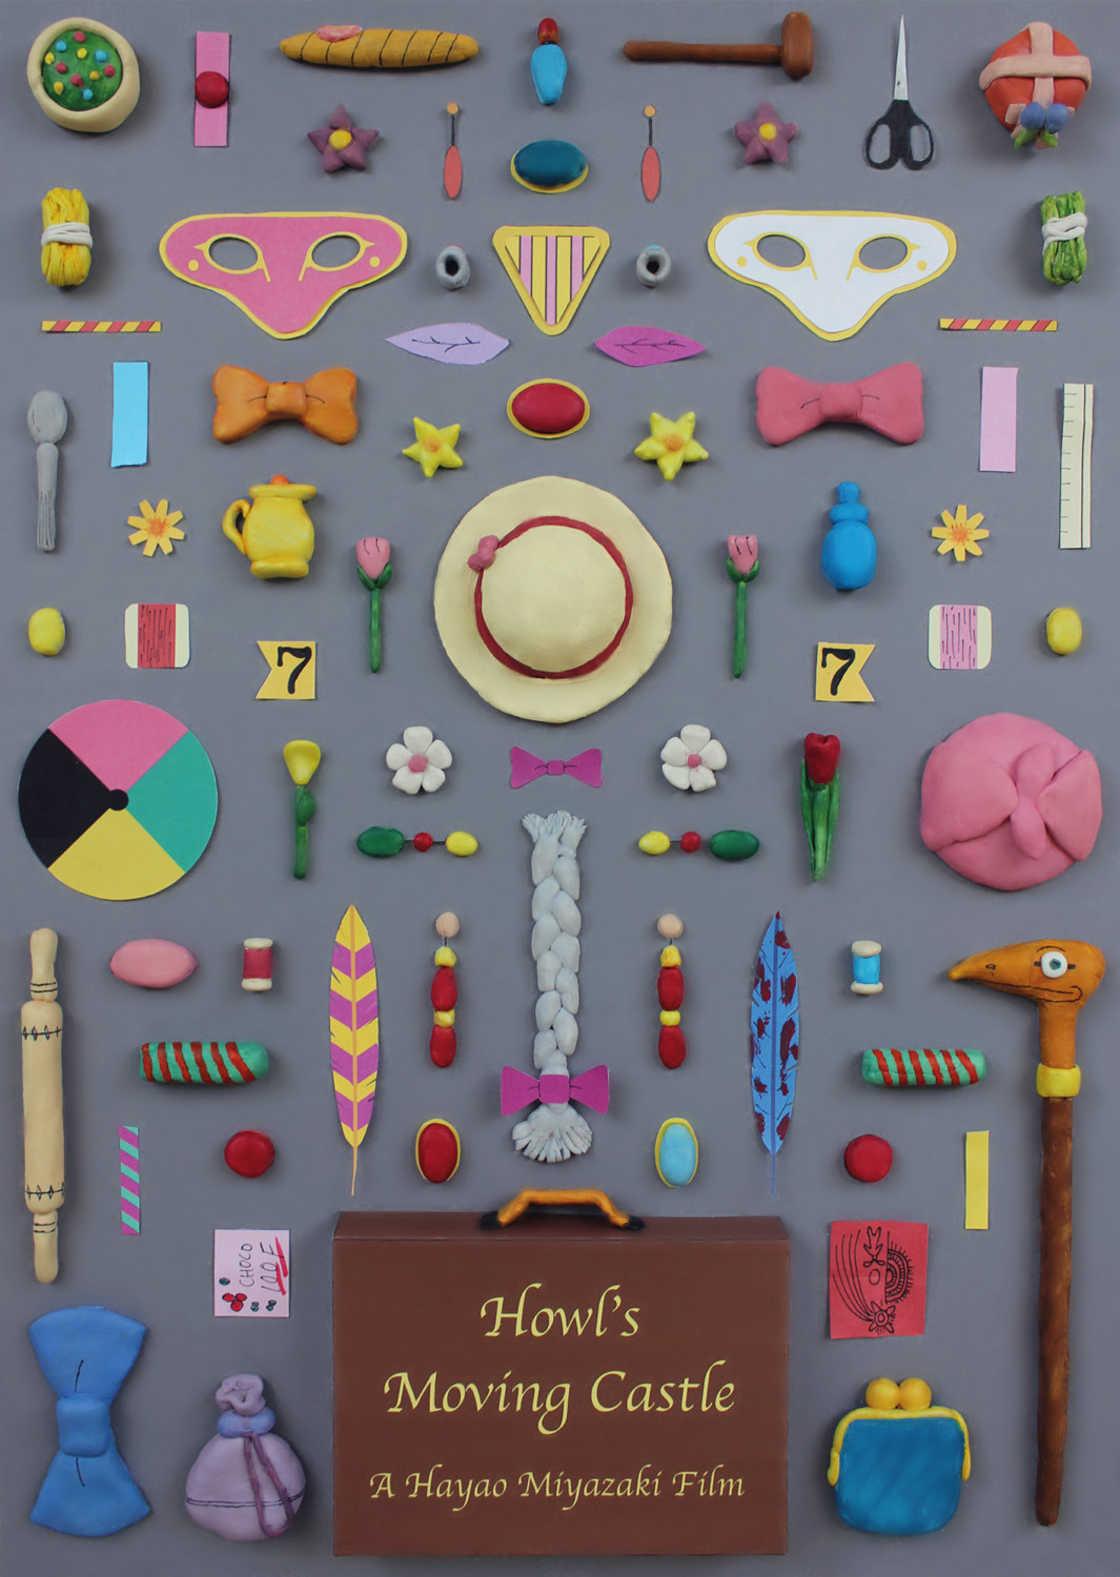 Objetos iconicos dos filmes de Miyazaki foram reunidos em cartazes (4 pics)